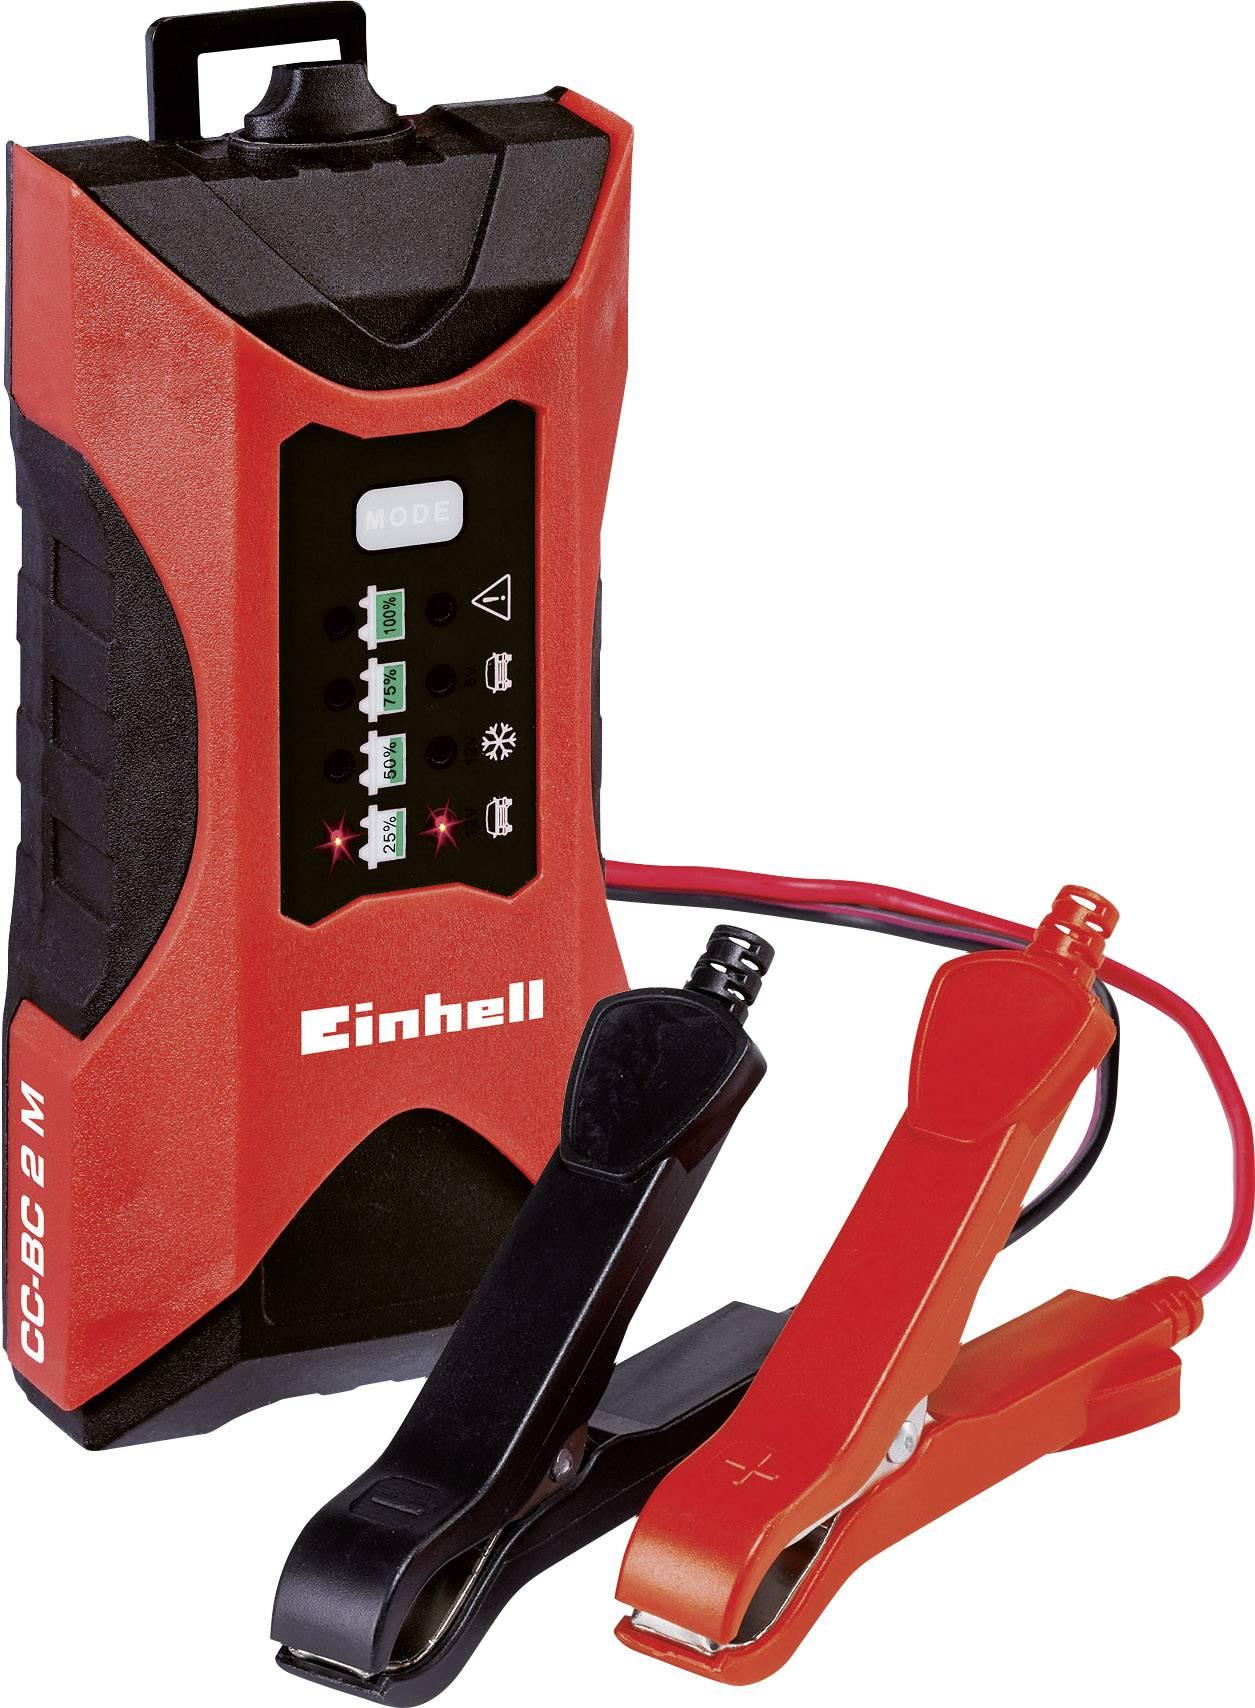 Nabíjačka autobatérie Einhell 1002211 , 6 V, 12 V, 2 A, 2 A